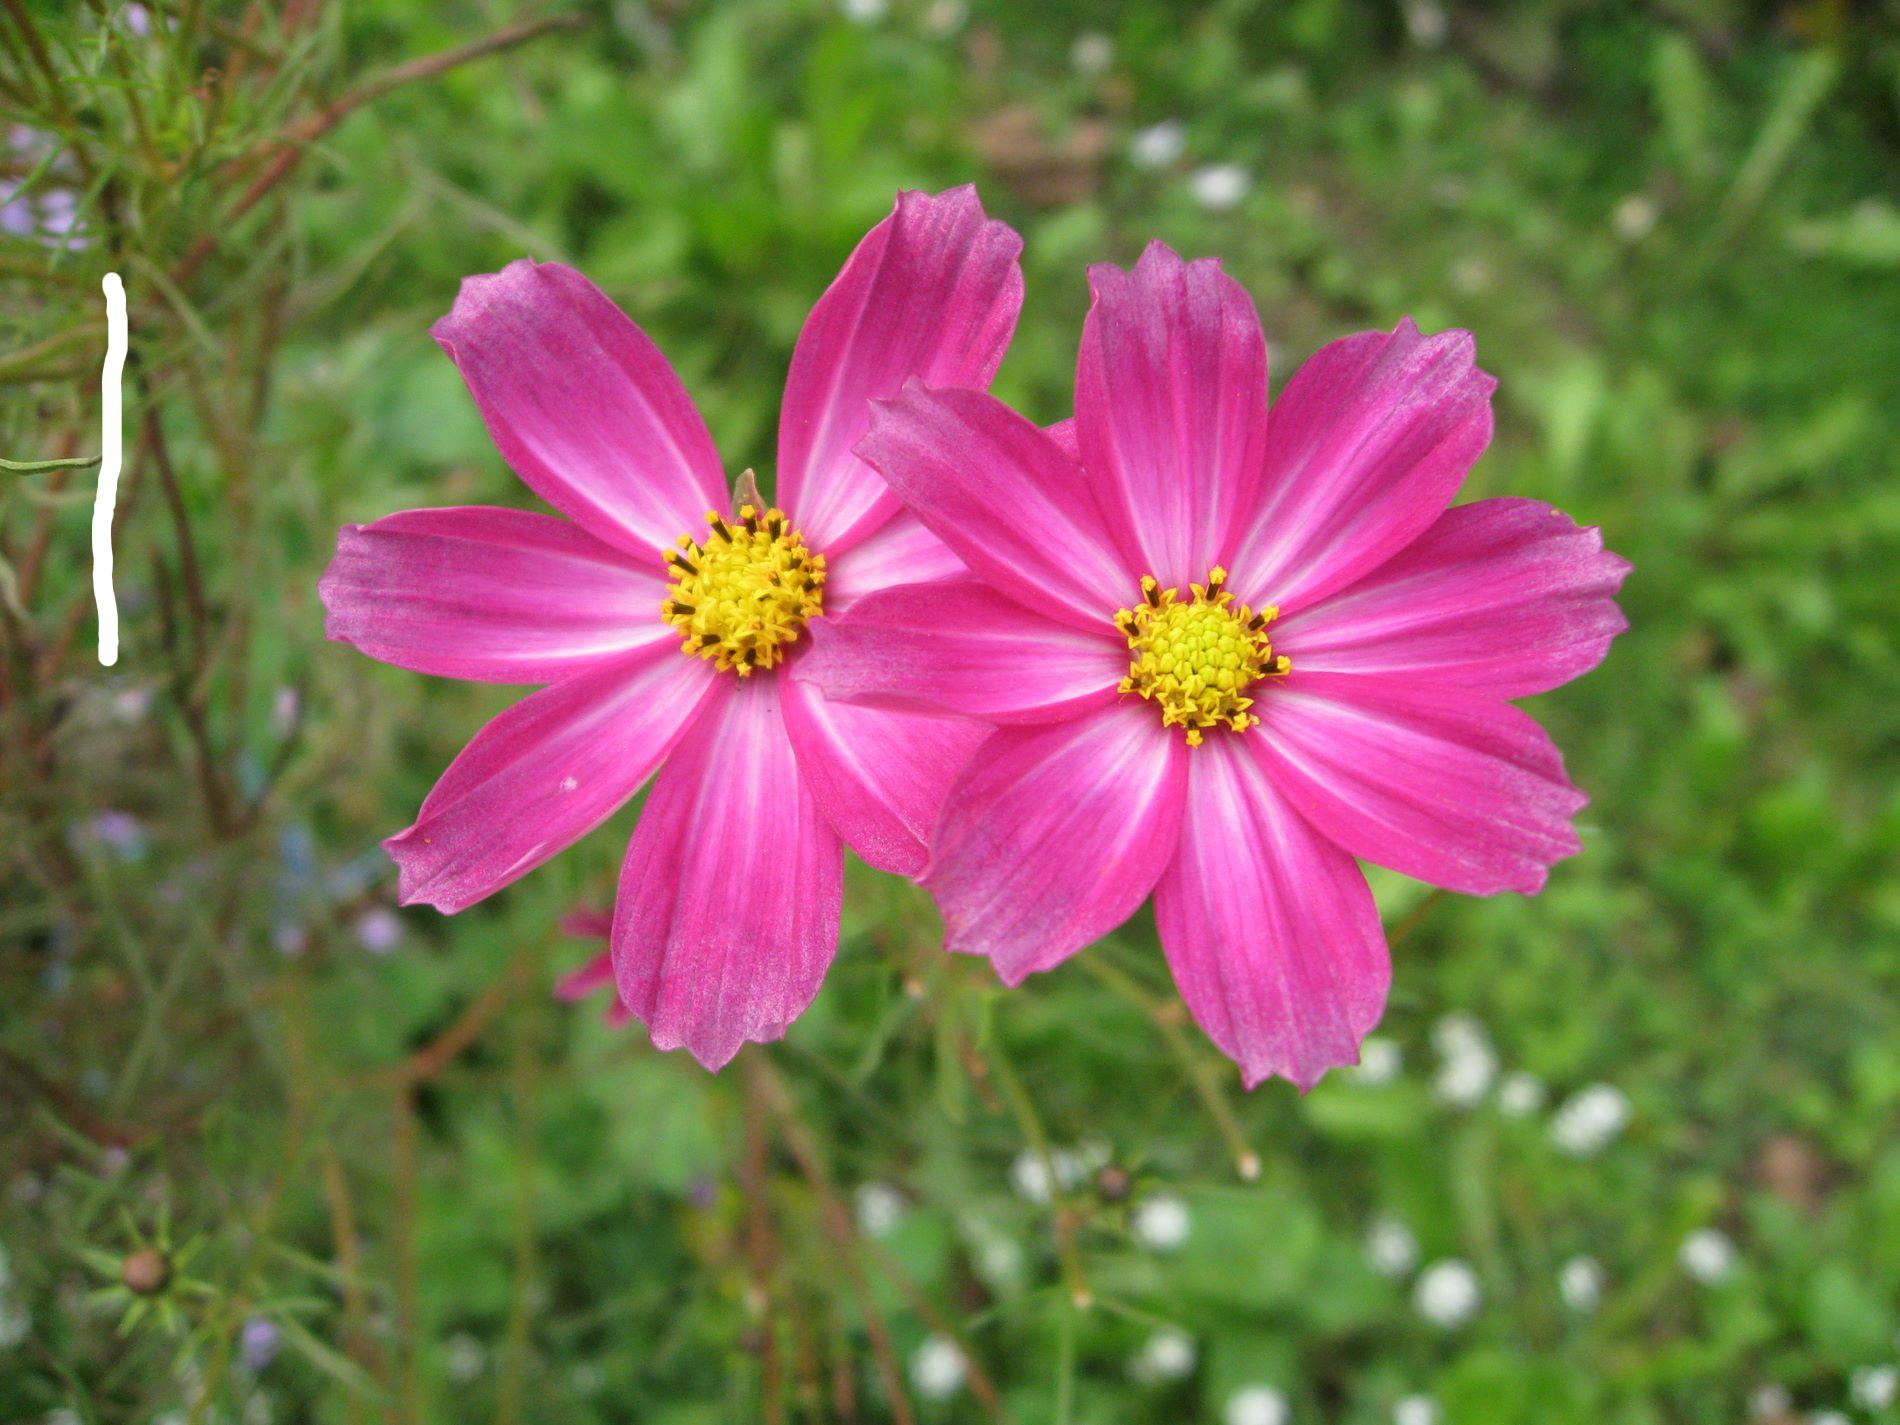 Pink Flower clipart wallpaper Hd HdFlowerWallpaper Clipart clipart Flowers